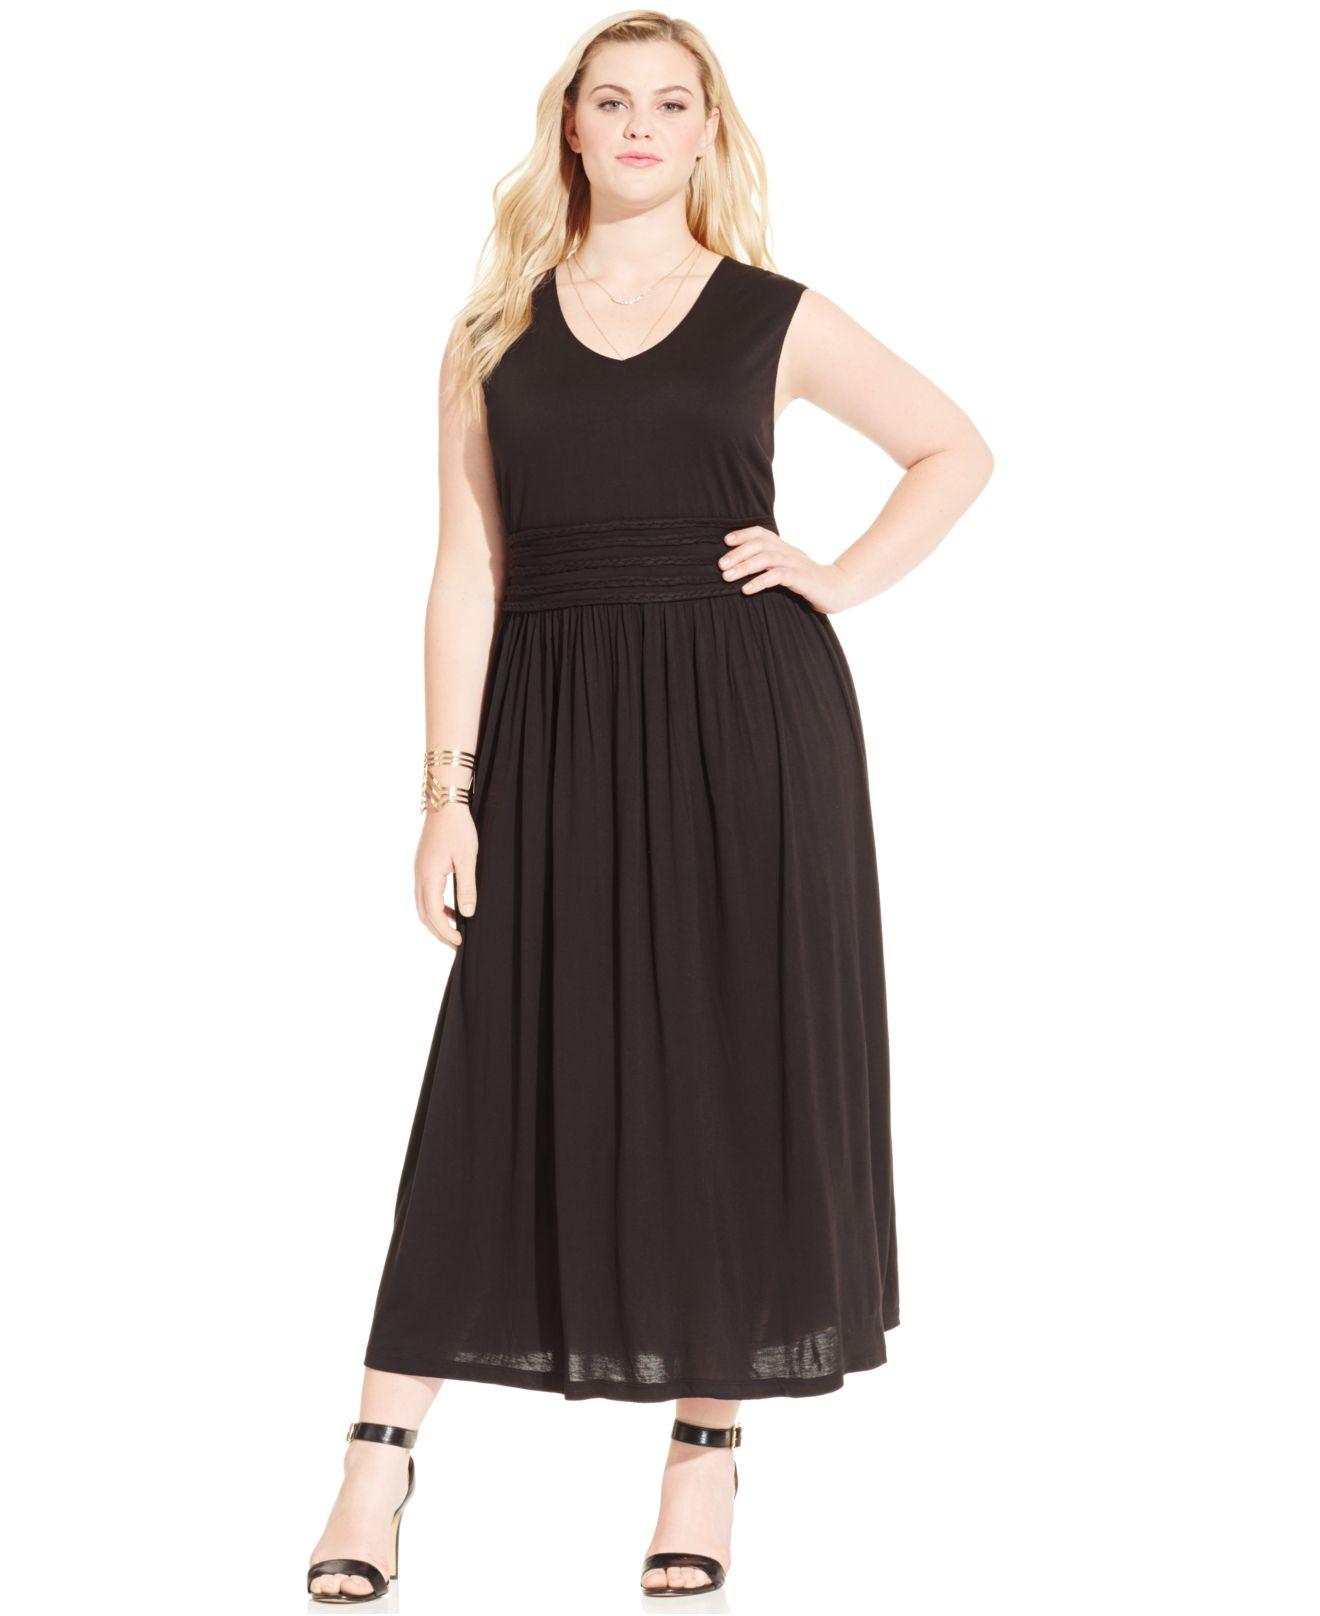 Plus Size Black Empire Waist Dress